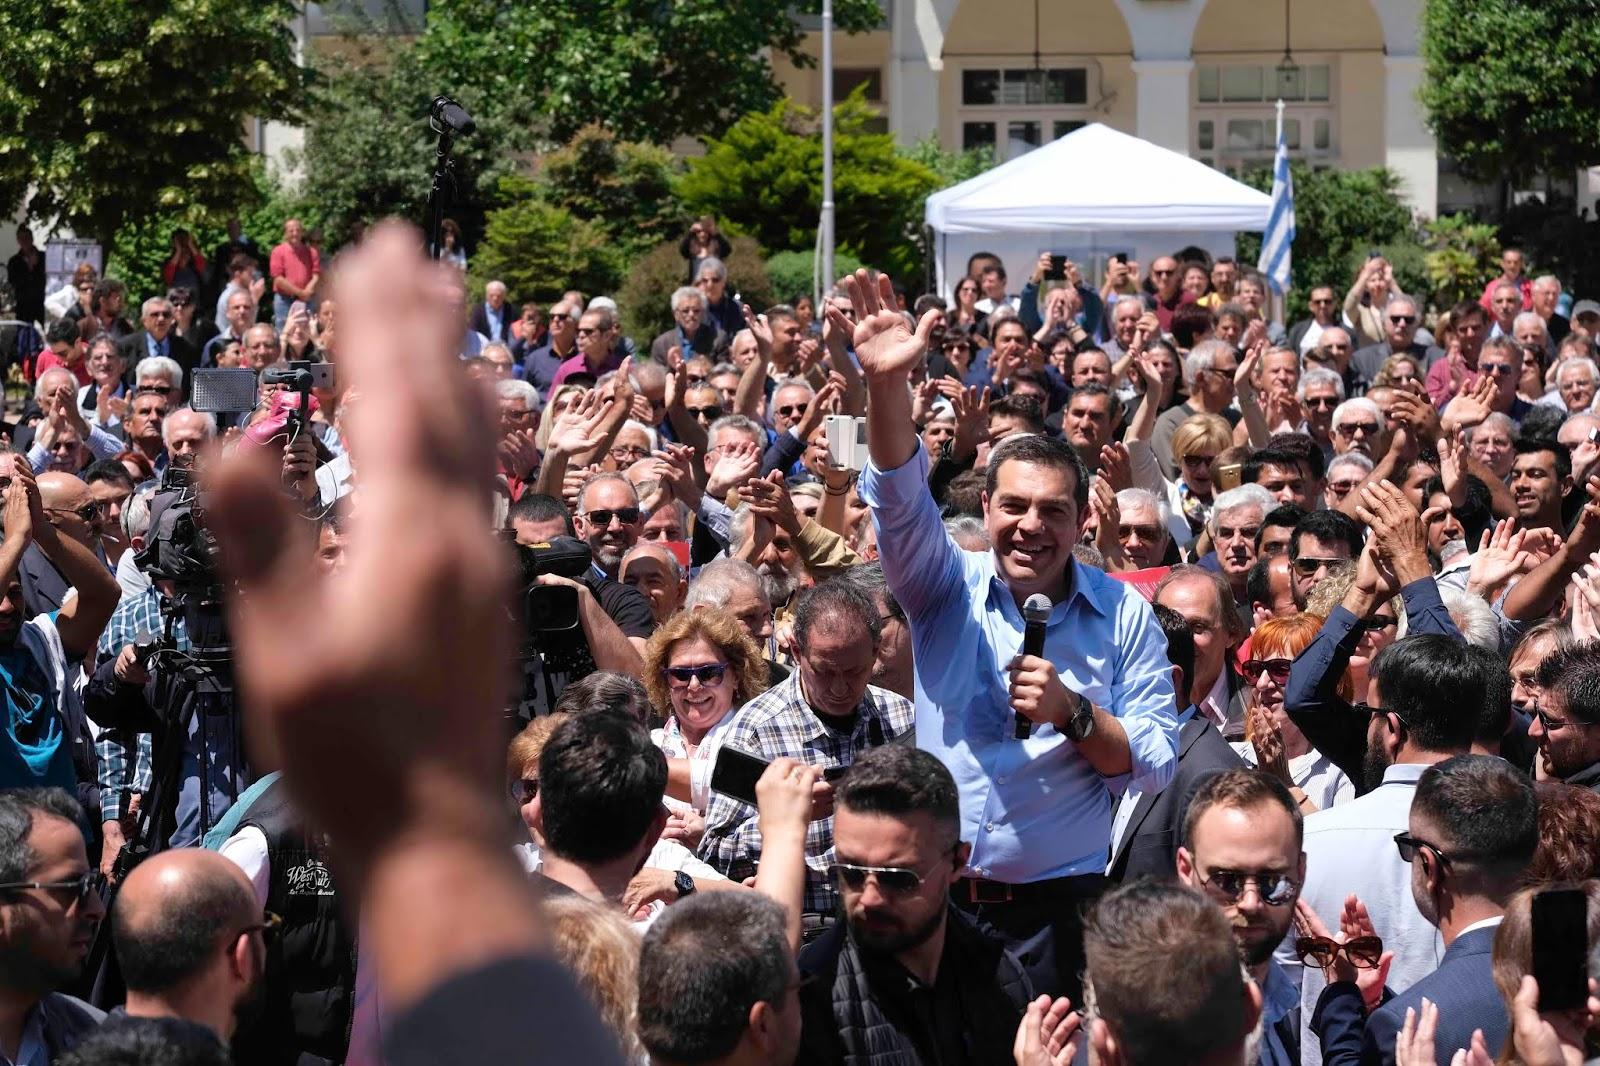 """Ο Αλέξης Τσίπρας δηλώνει από την Καρδίτσα: """"Η 26η Μαΐου η αρχή για τη μεγάλη νικηφόρα πορεία"""" (ΦΩΤΟ-VIDEO)"""